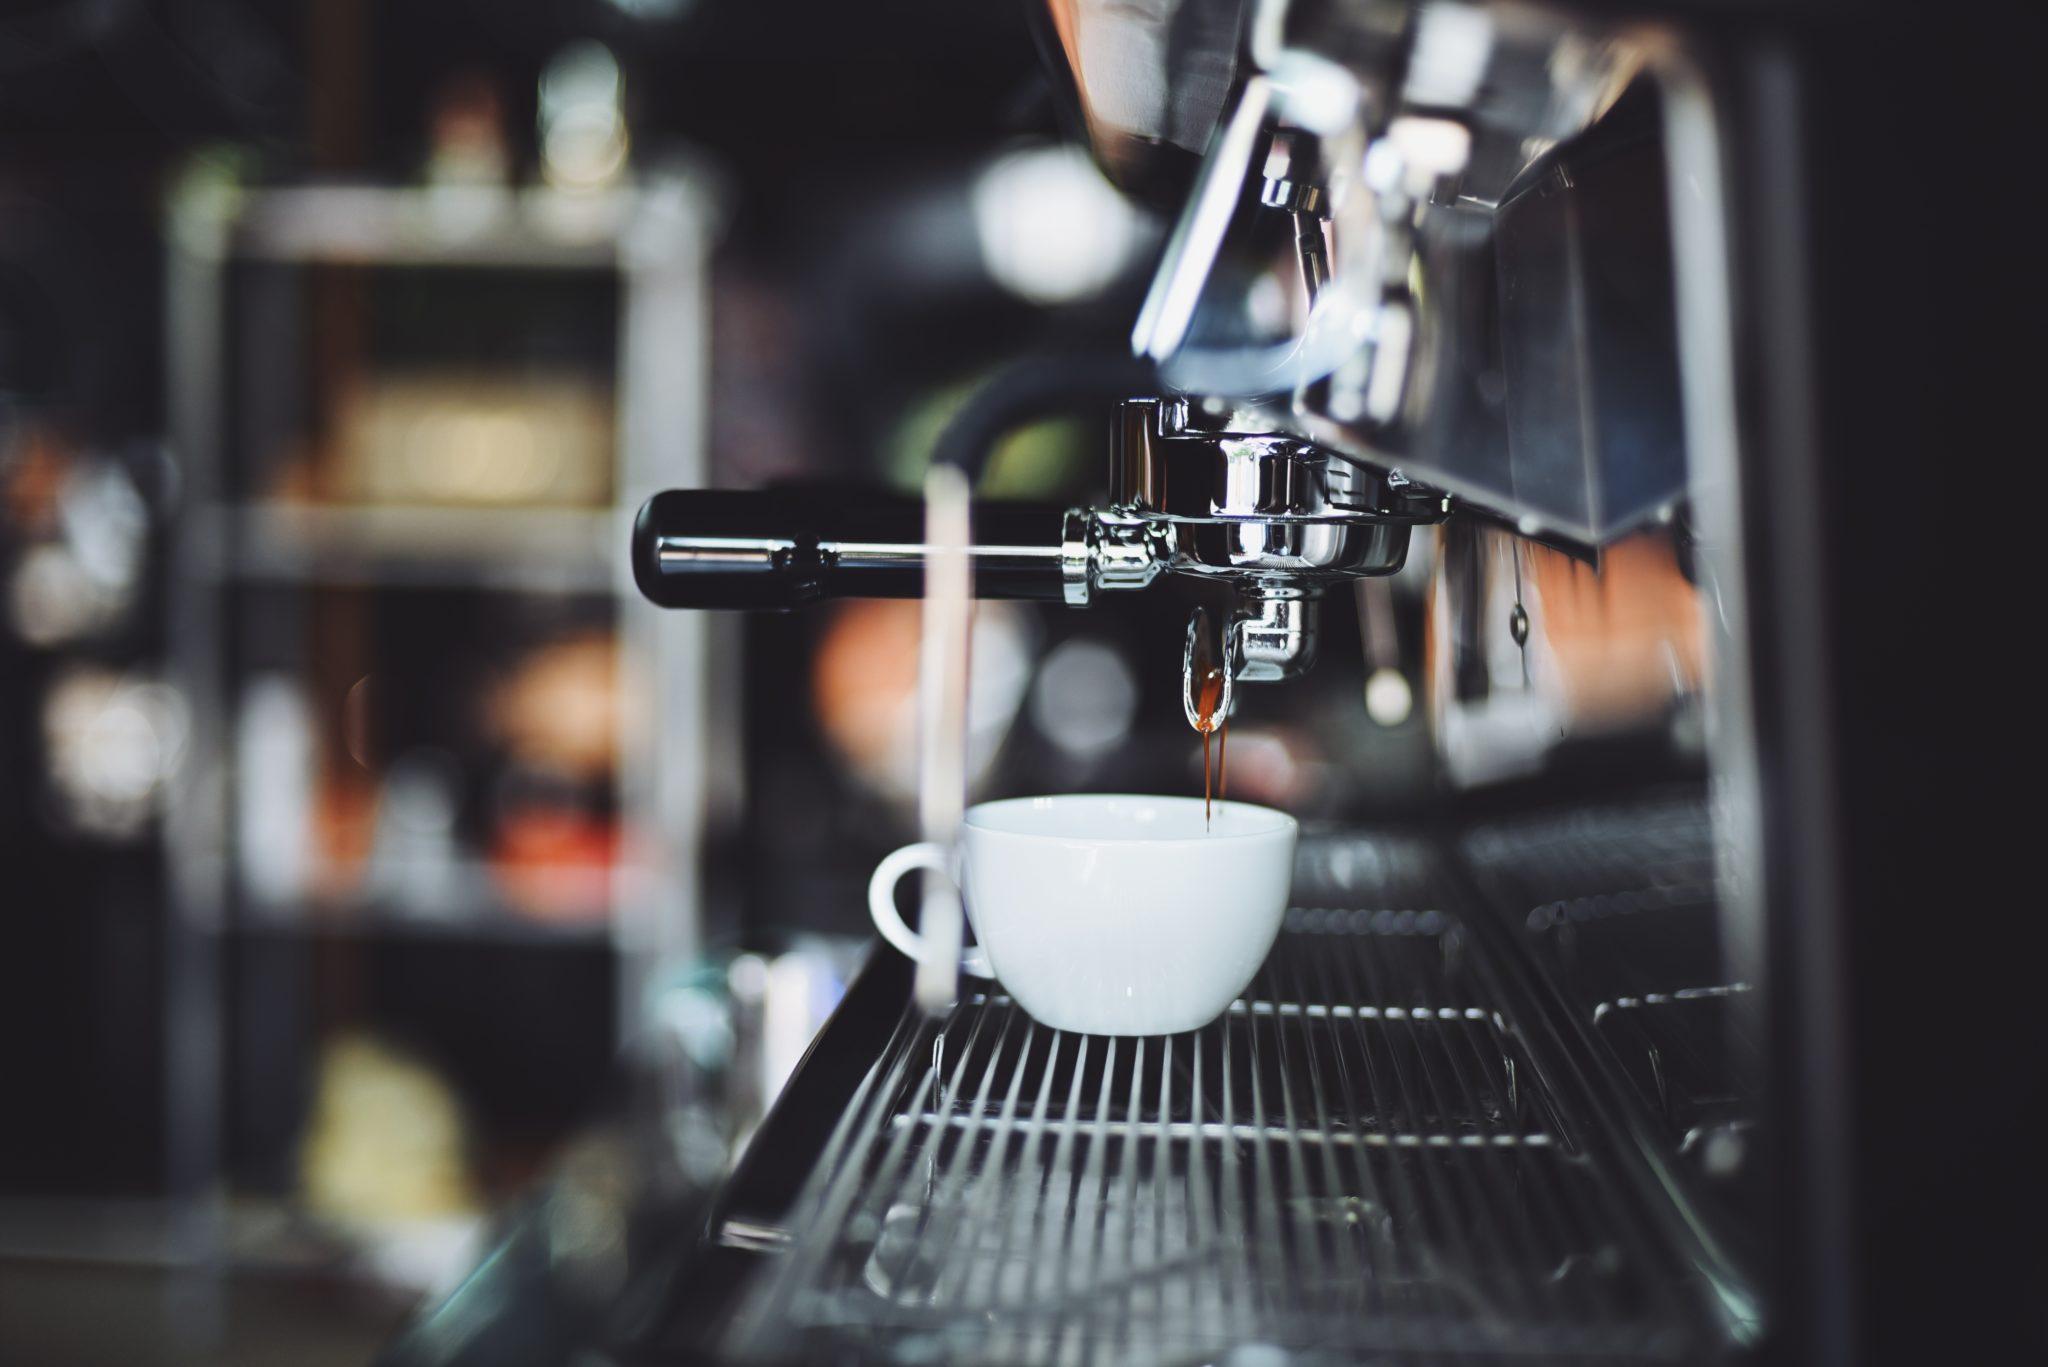 sprzet-dla-kawiarni-profesjonalne-ekspresy-mlynki-do-kawy